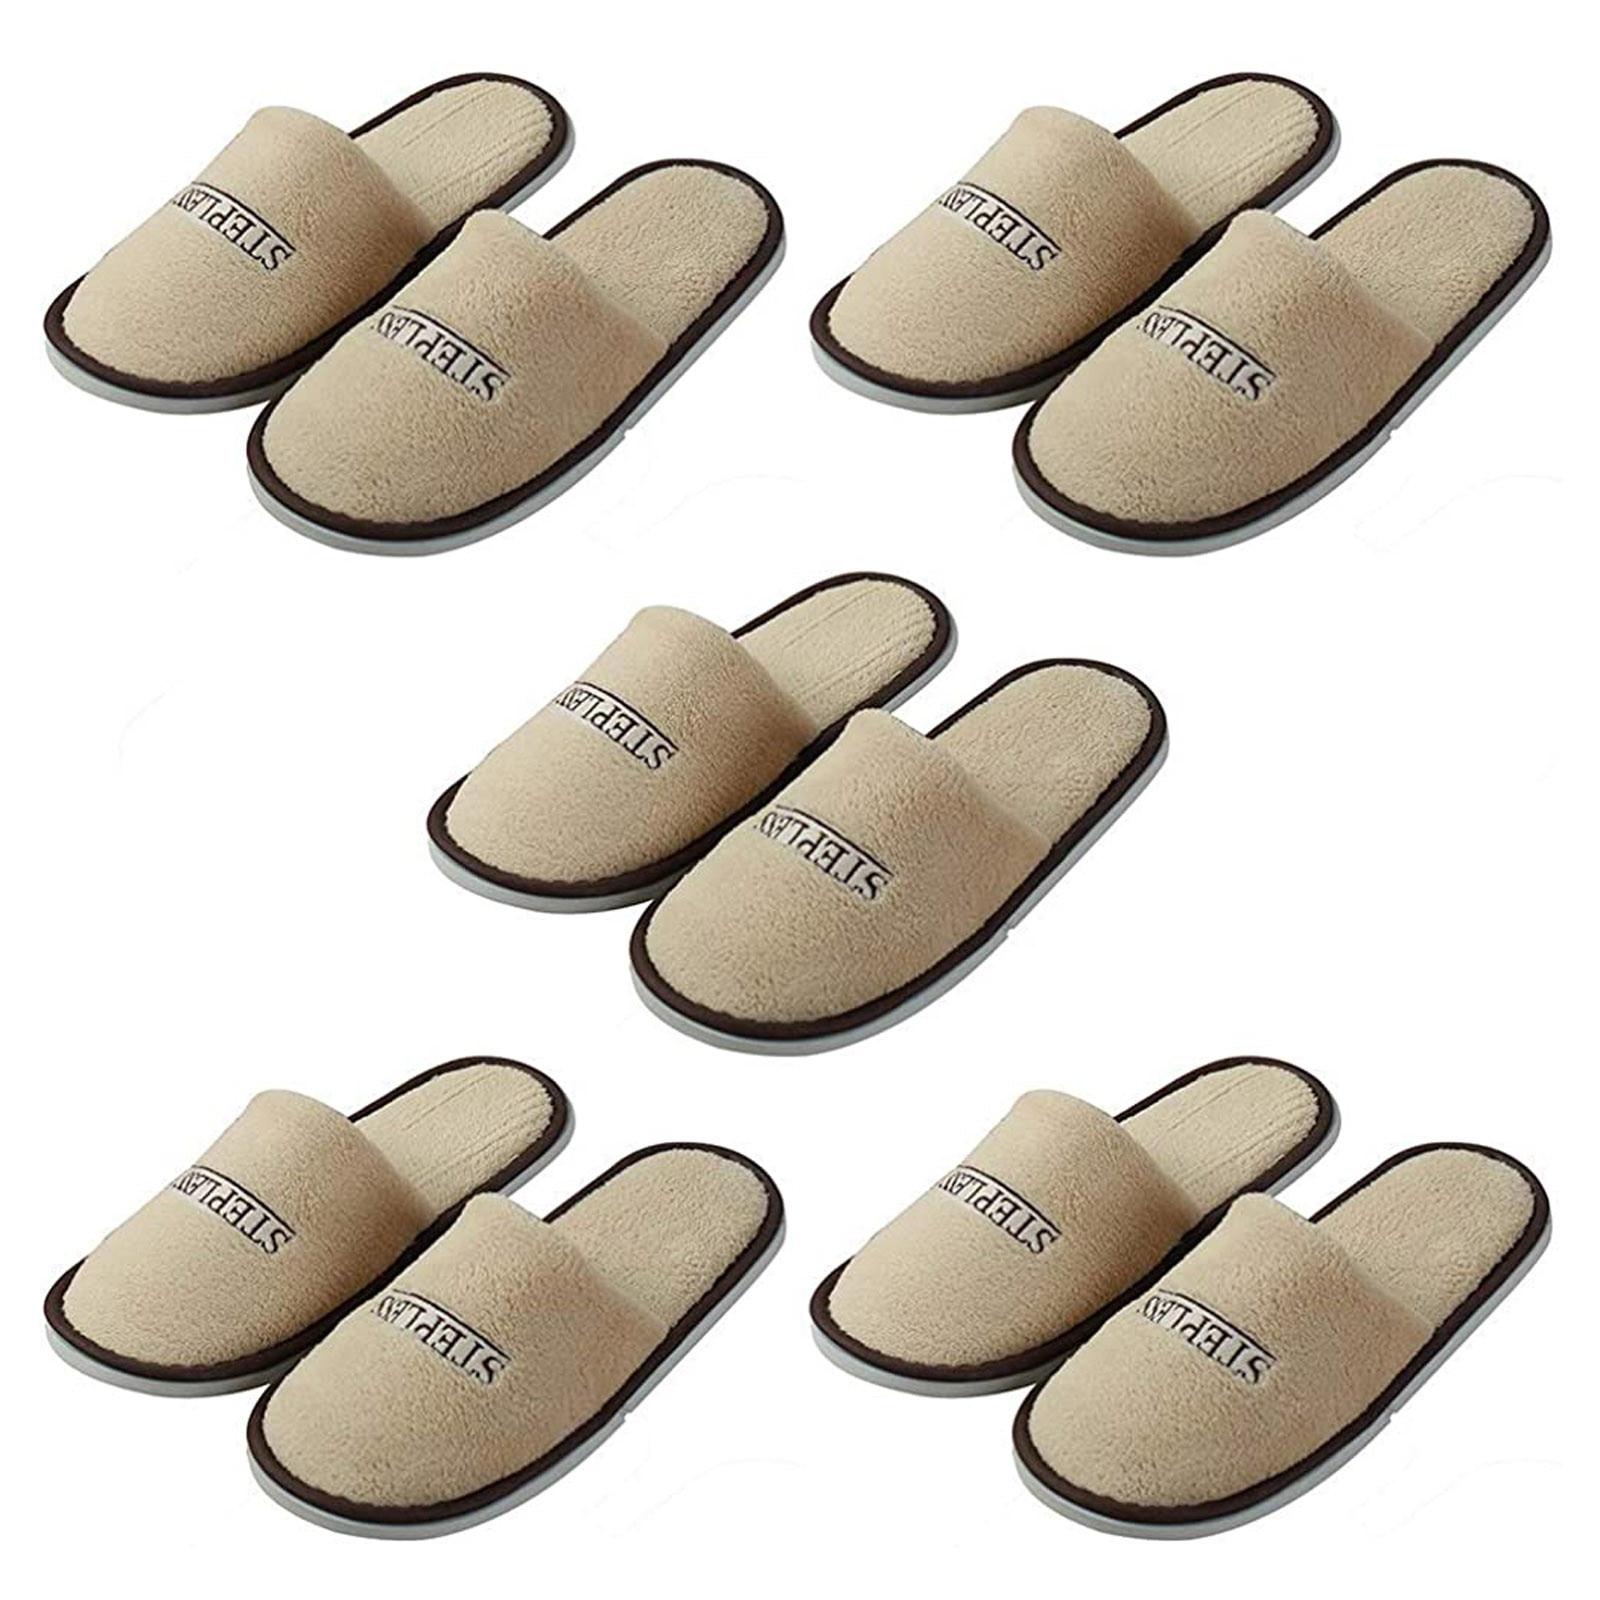 5 пар плюшевых тапочек, одноразовые закрытые тапочки для отеля, одноразовые тапочки, махровые дышащие мягкие серые туфли